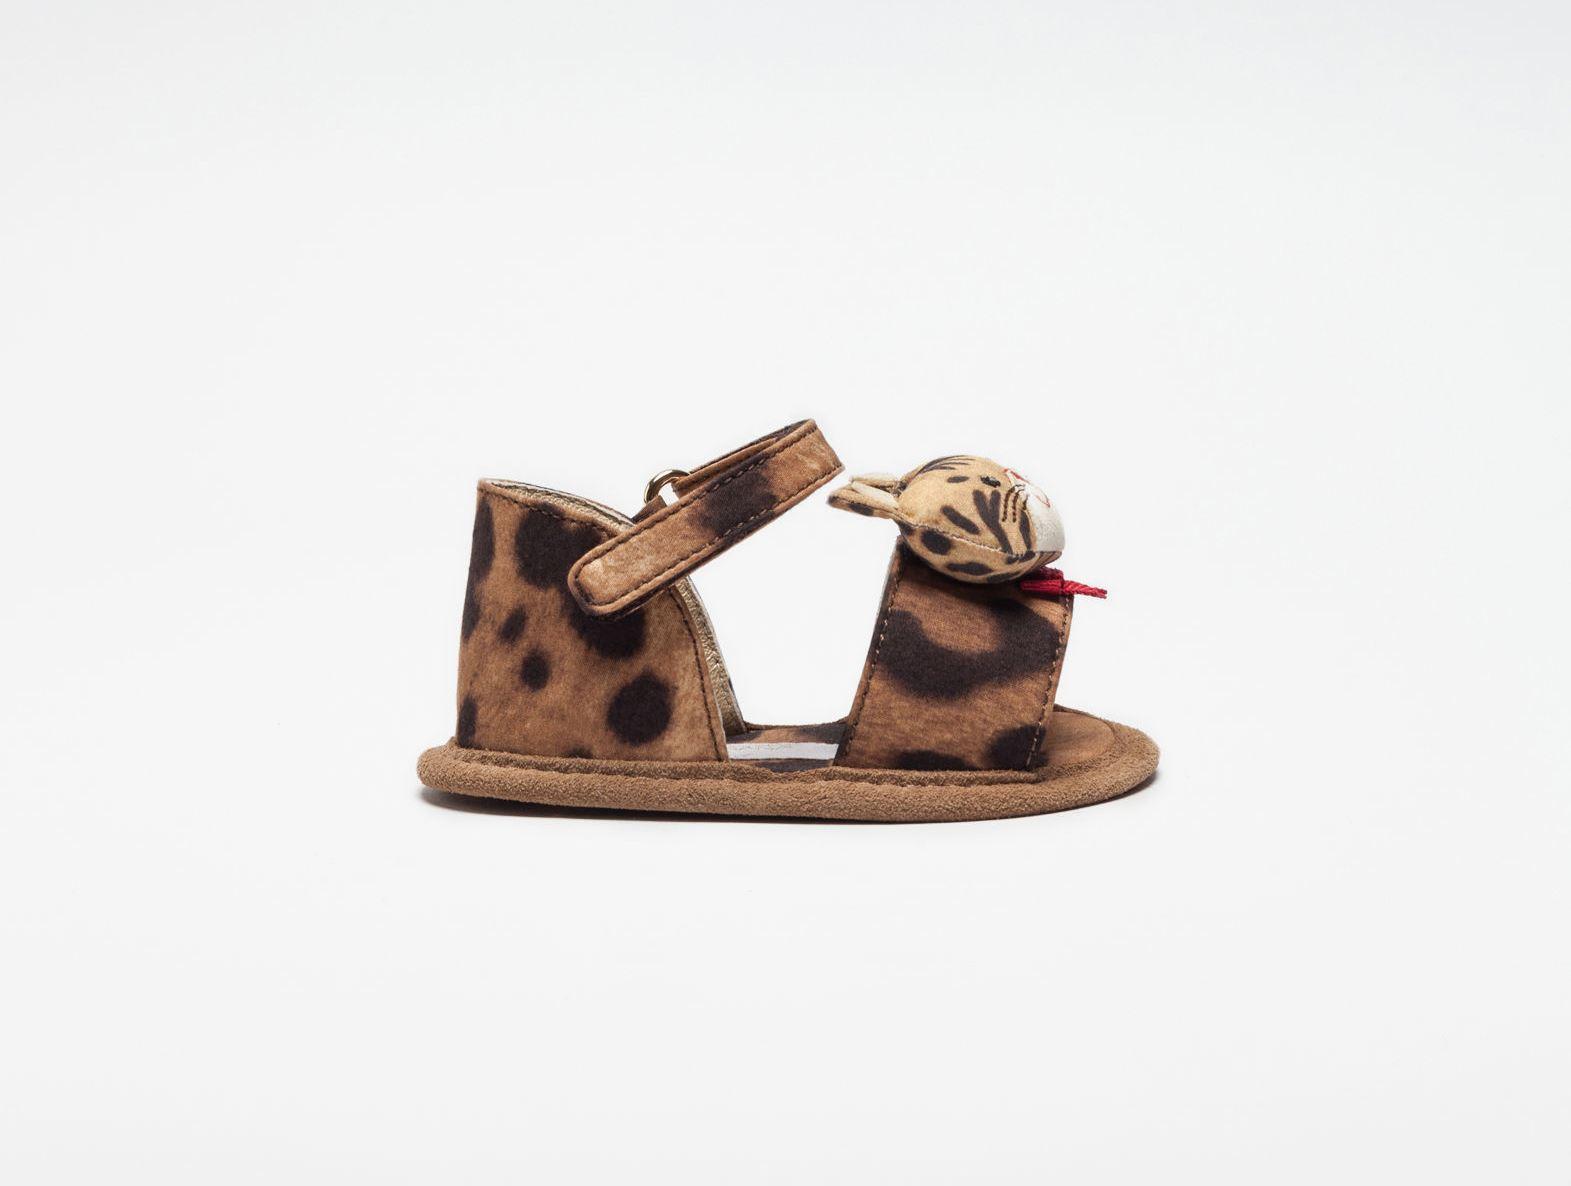 scarpe dolce e gabbana bambini (1)